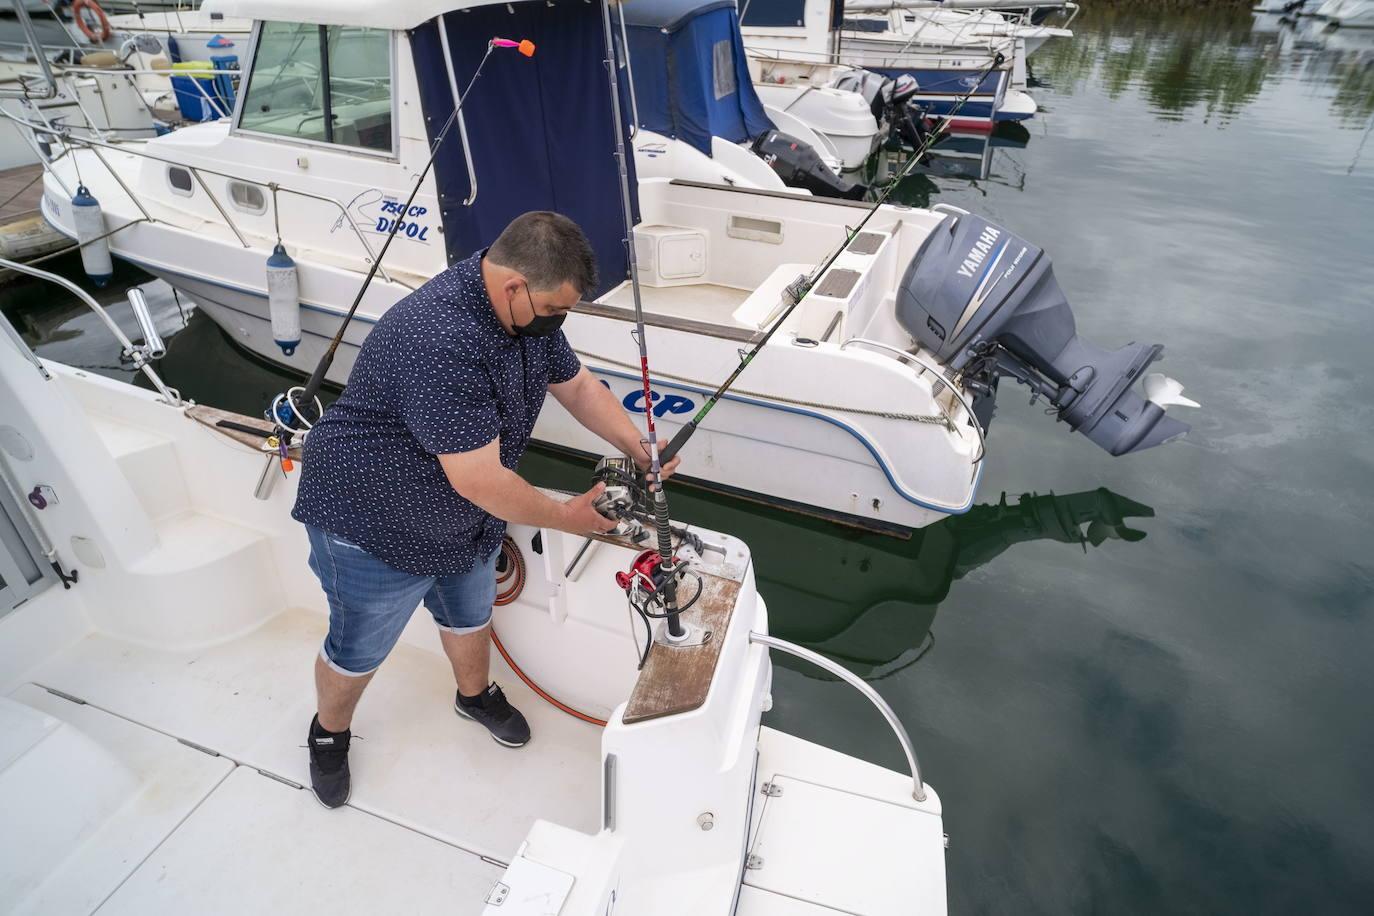 La pesca recreativa se rebela contra las «duras» restricciones del Gobierno central